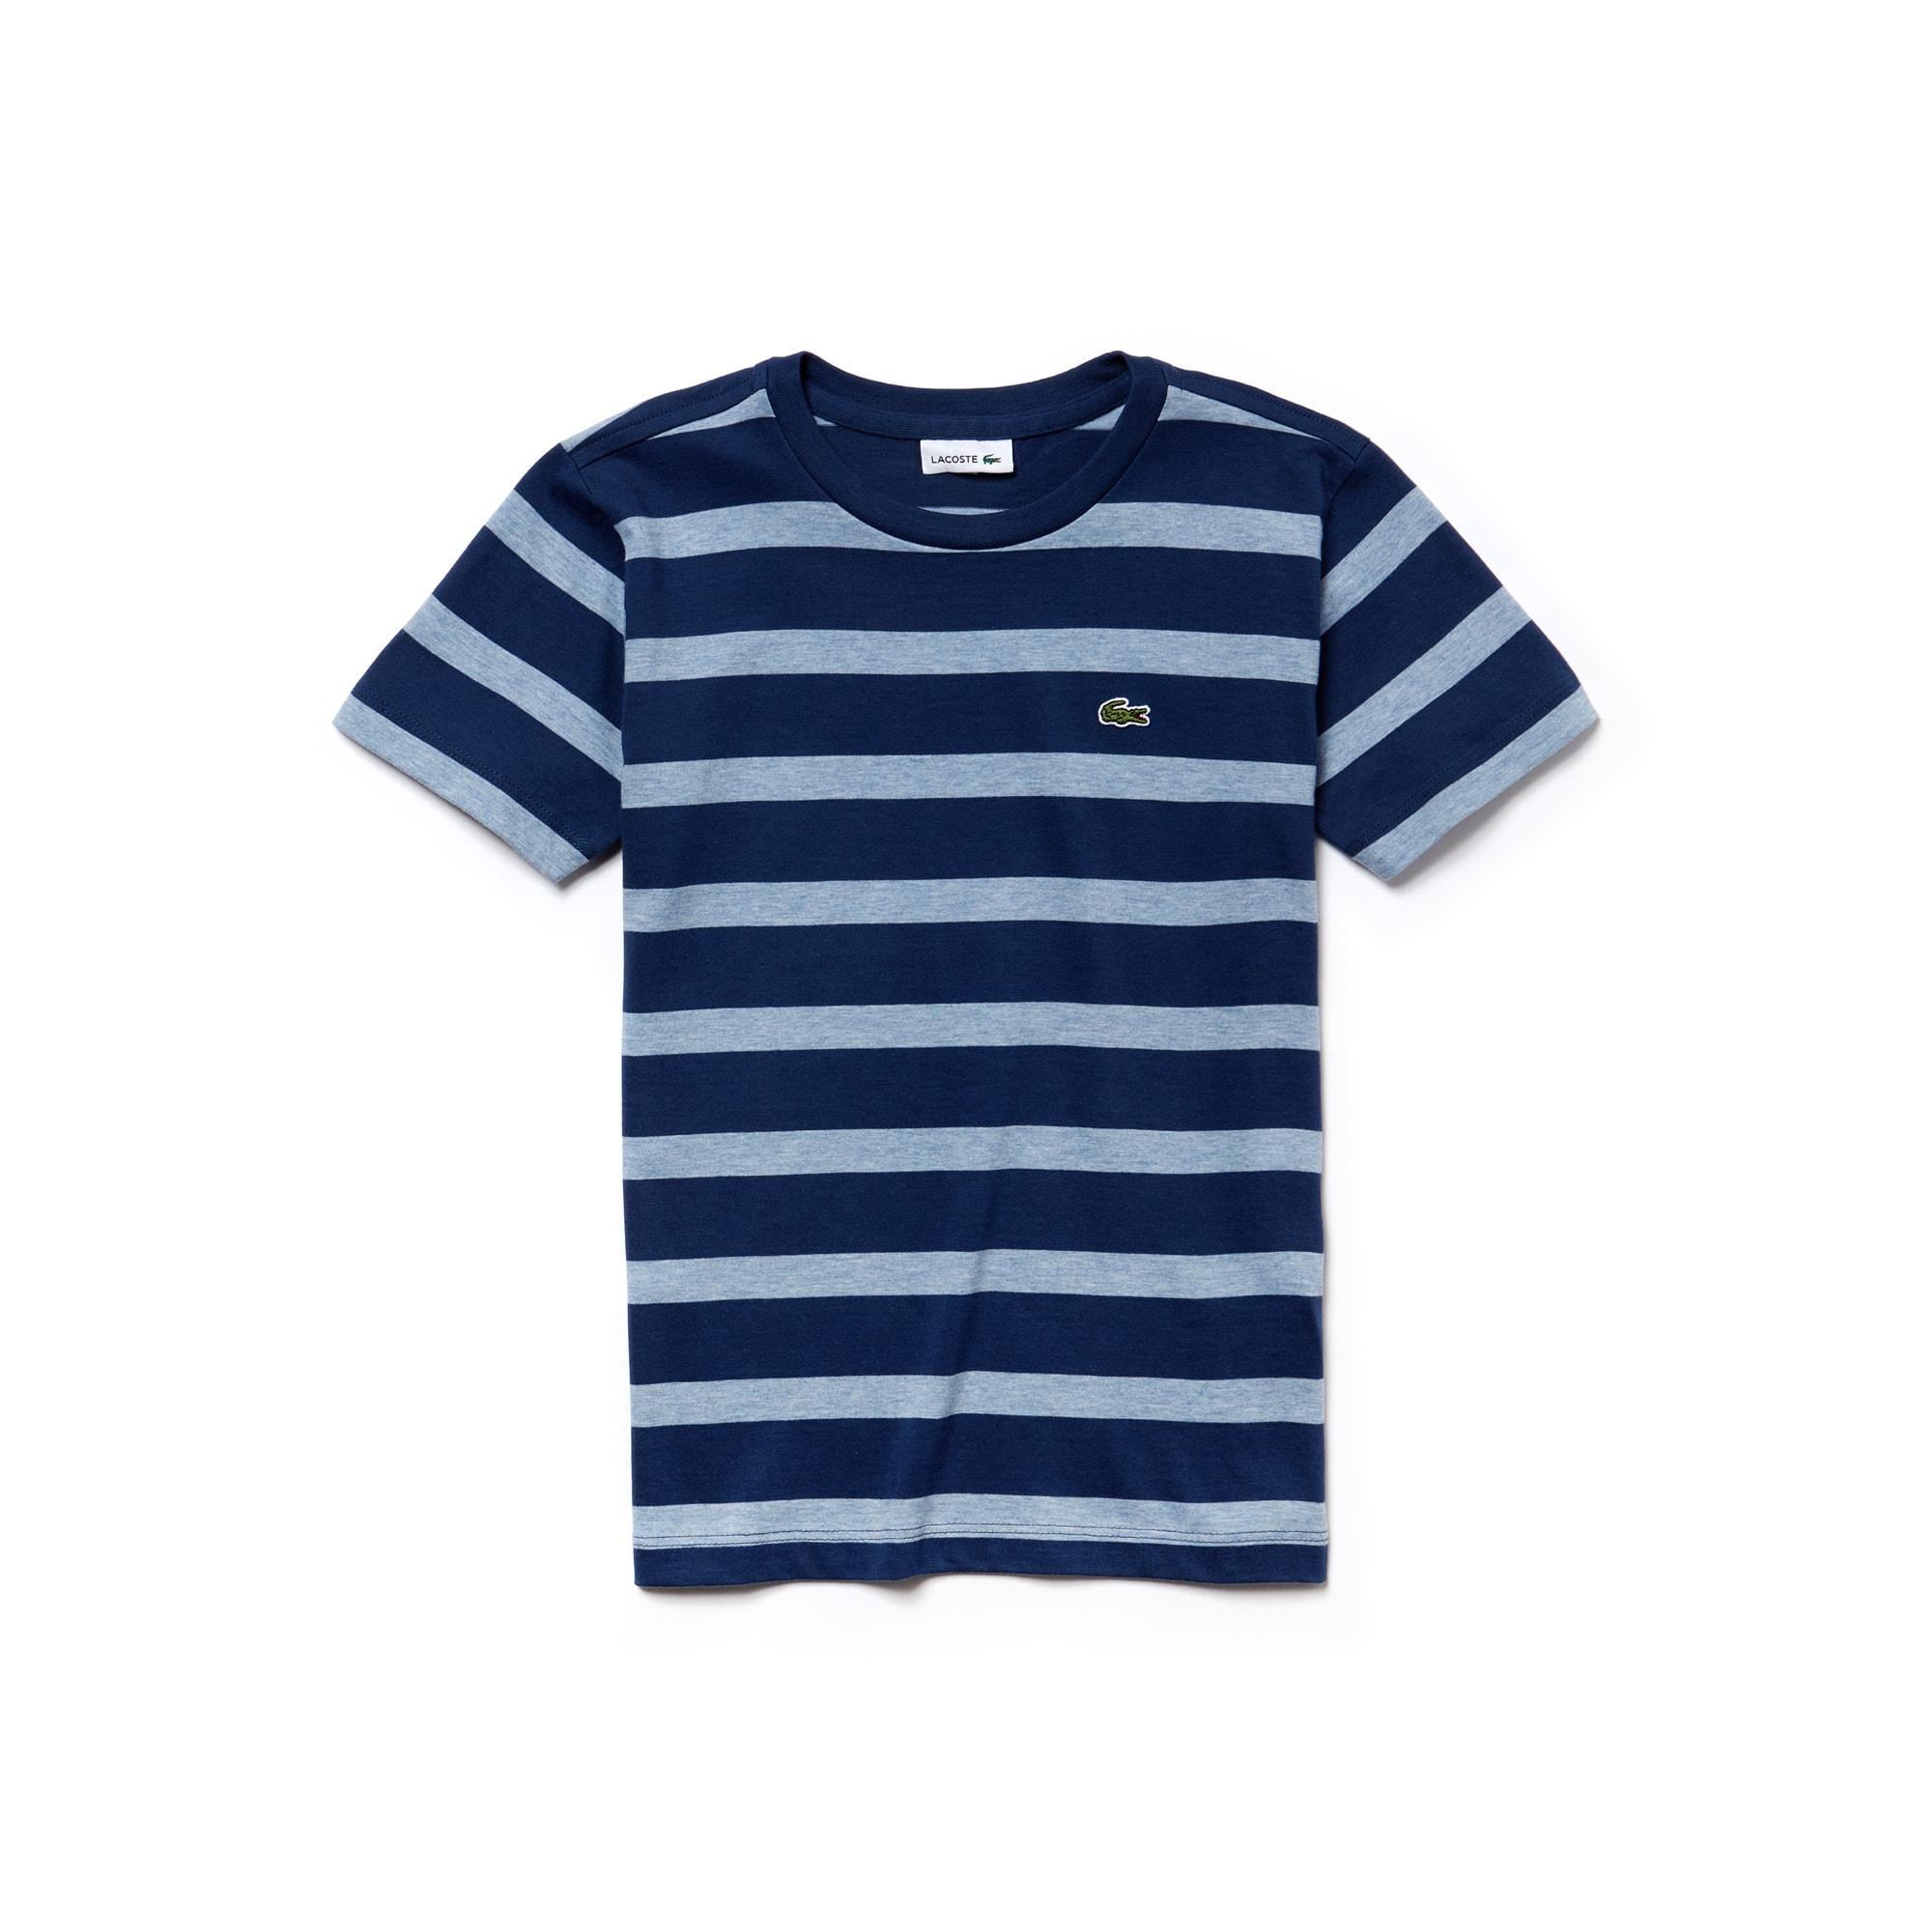 T-shirt Garçon en jersey de coton à rayures